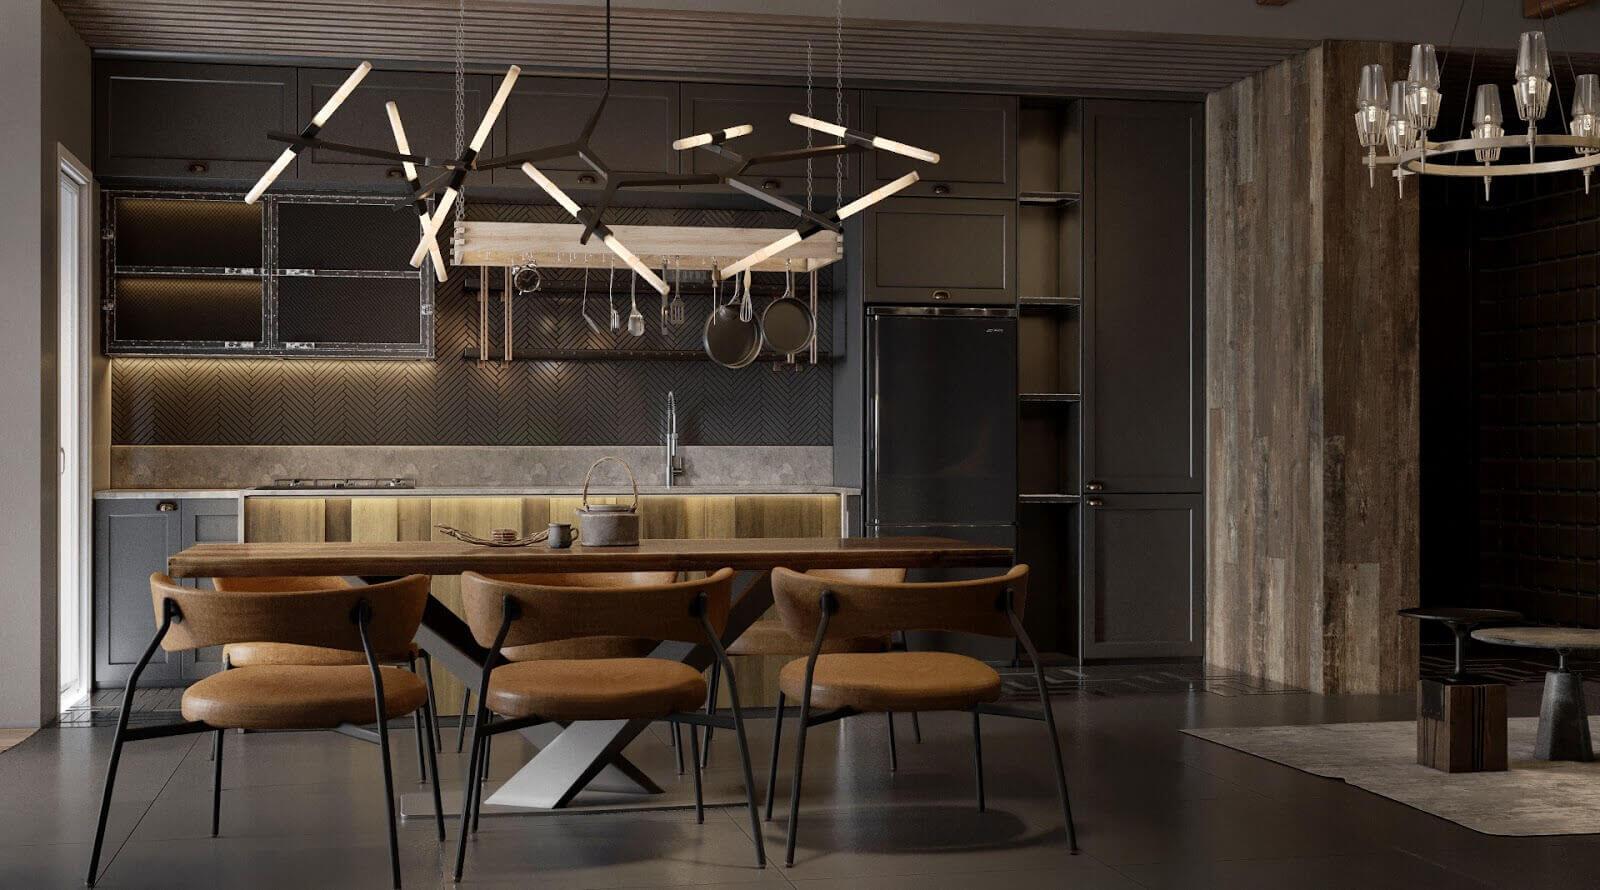 thiết kế nội thất phong cách industrial